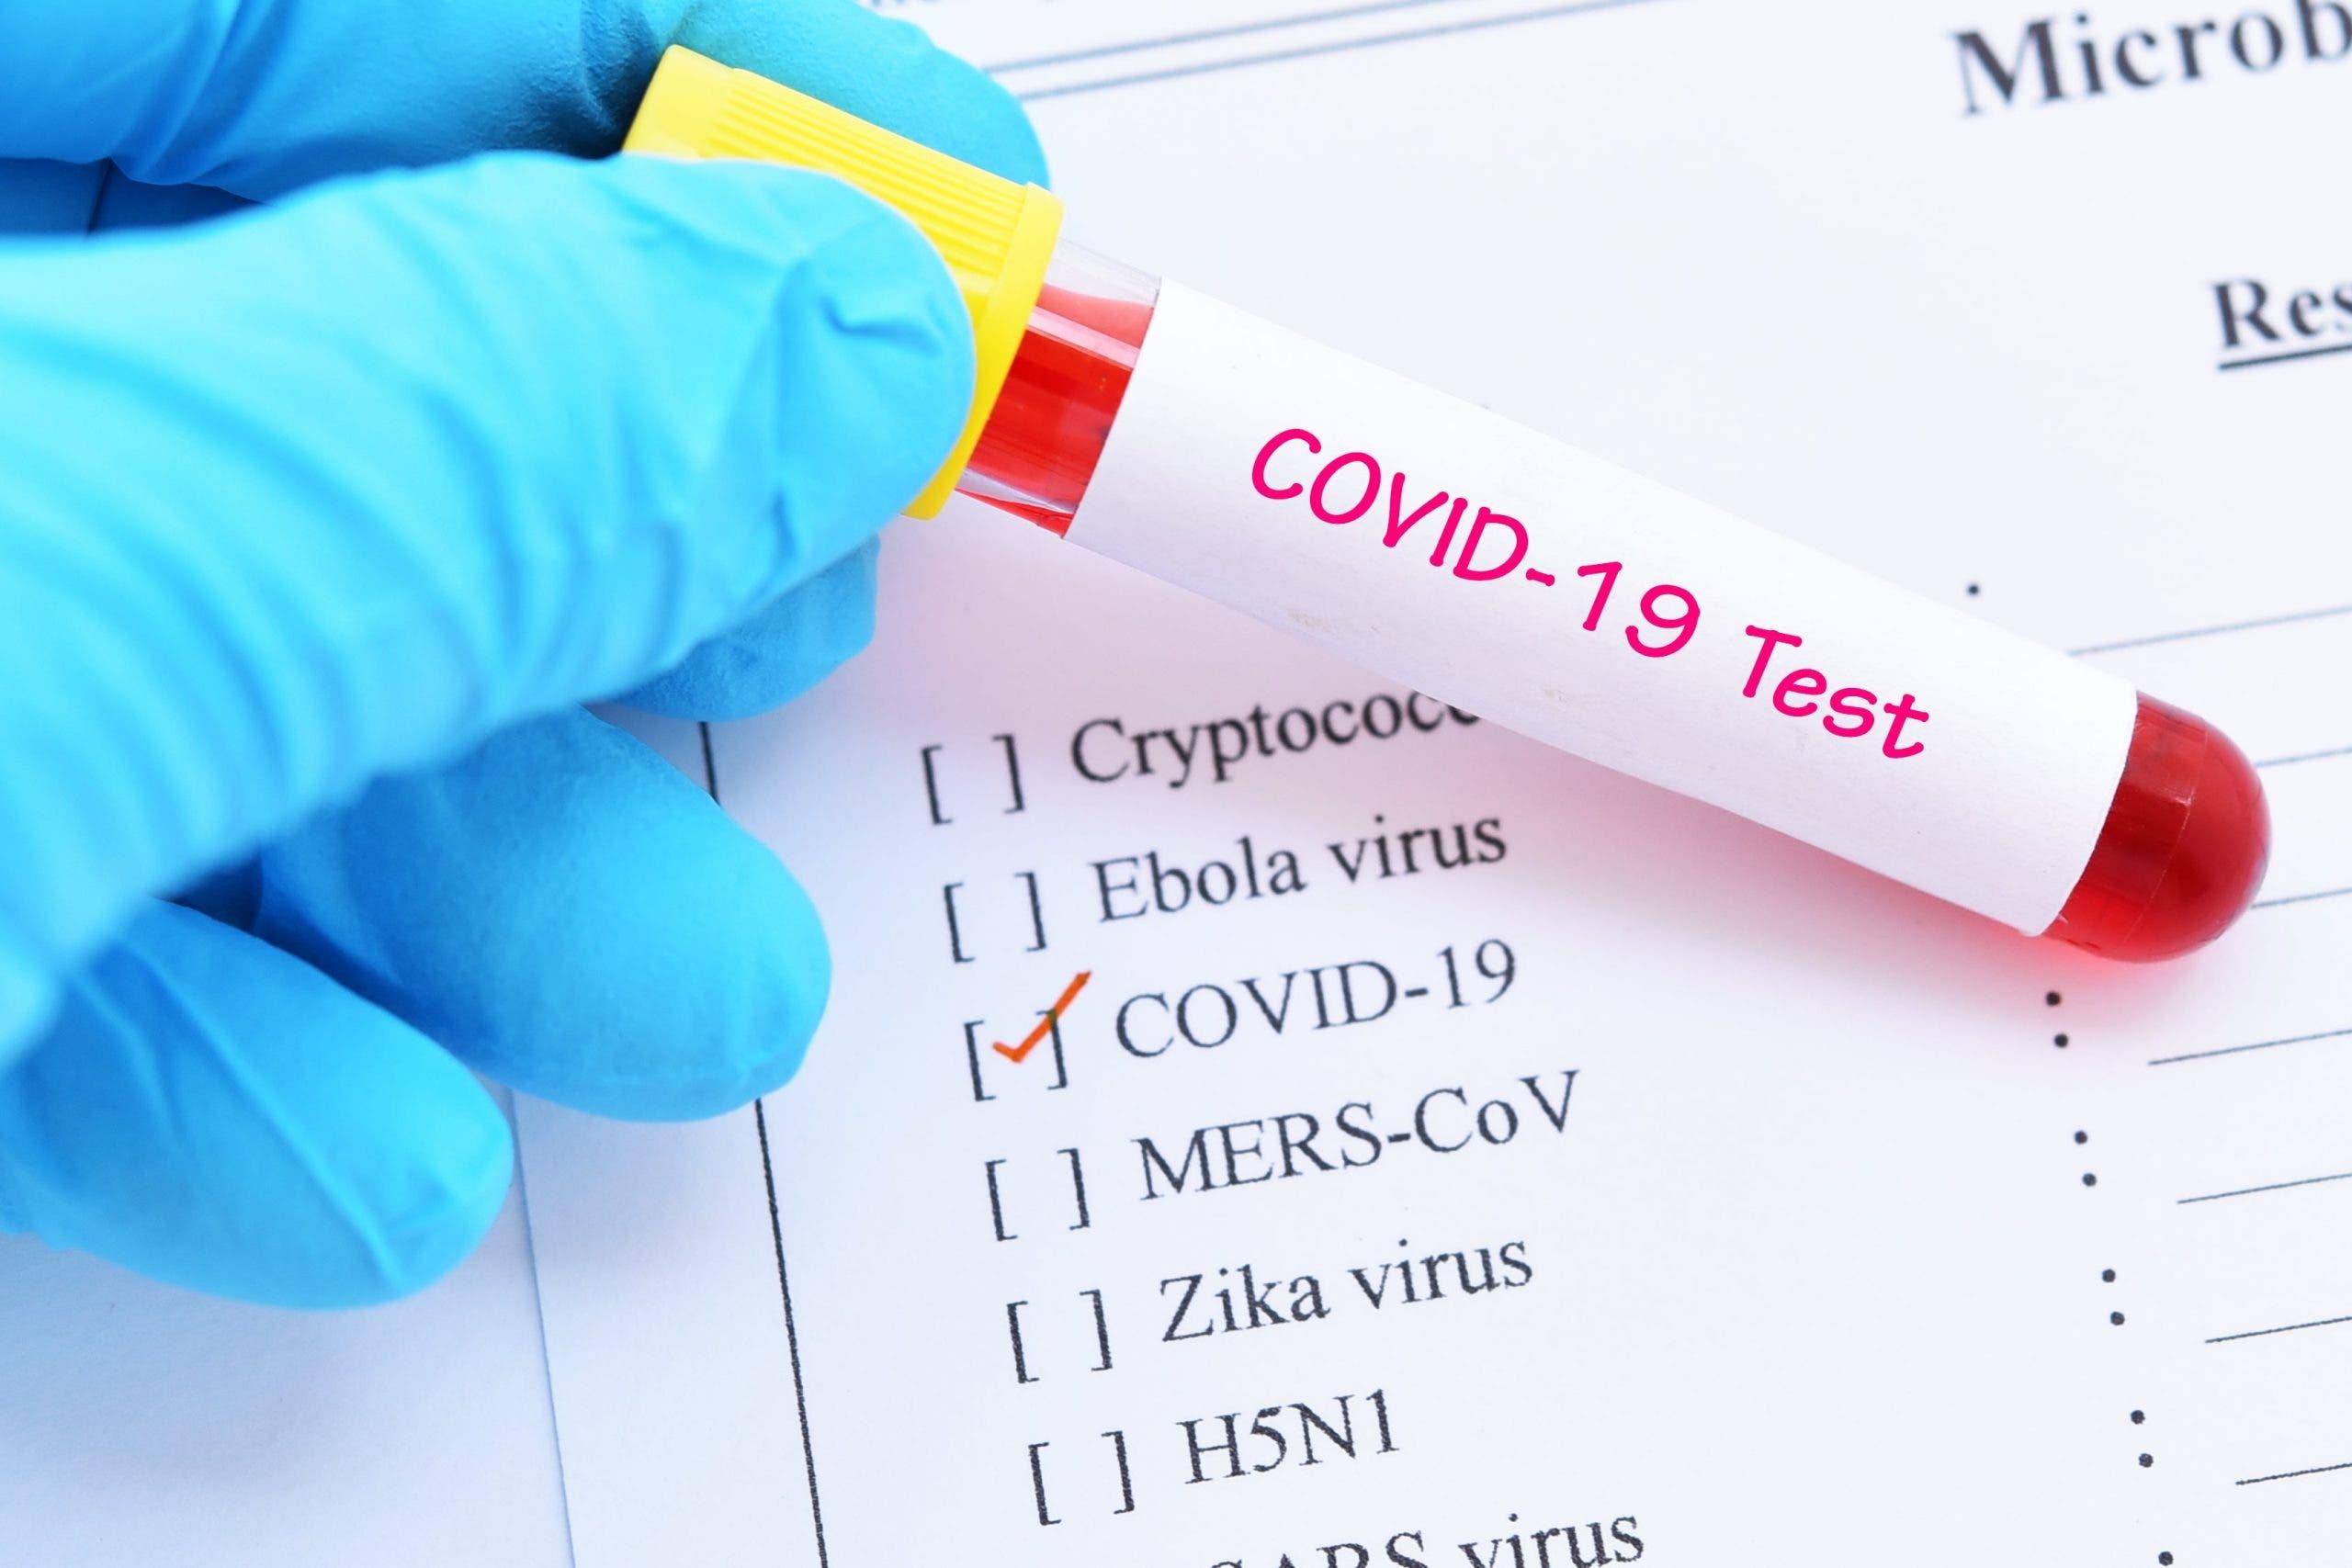 Coronavirus uu kusoo laba kacleeyey Soomaaliya iyo wararkii ugu dambeeyay kiisaska